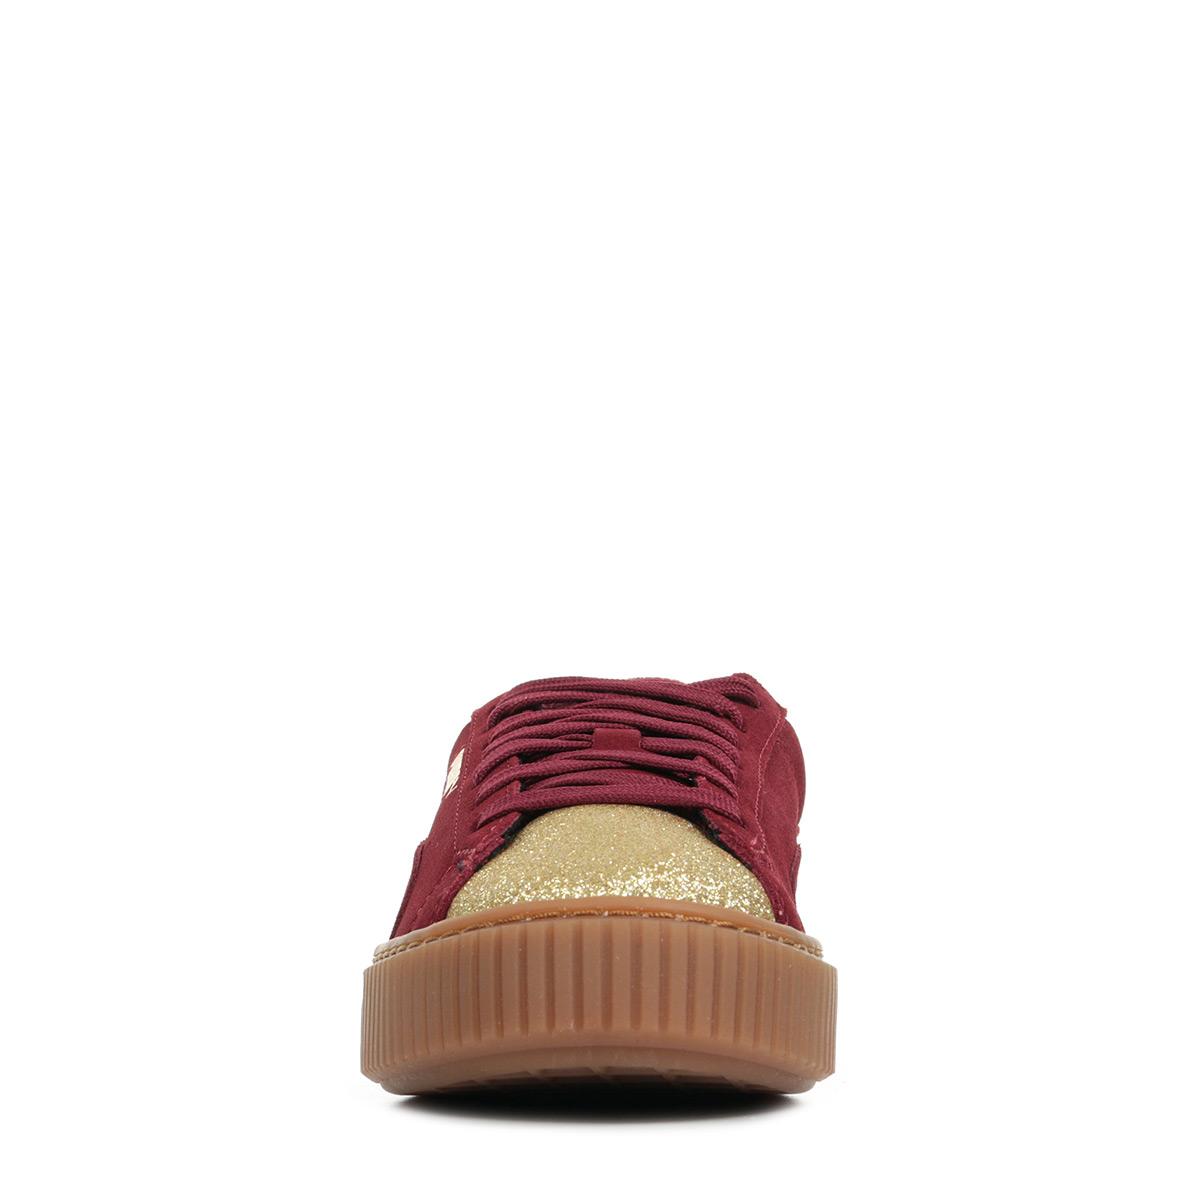 Détails sur Chaussures Baskets Puma femme Suede Platform Glam Jr taille Doré Cuir Lacets